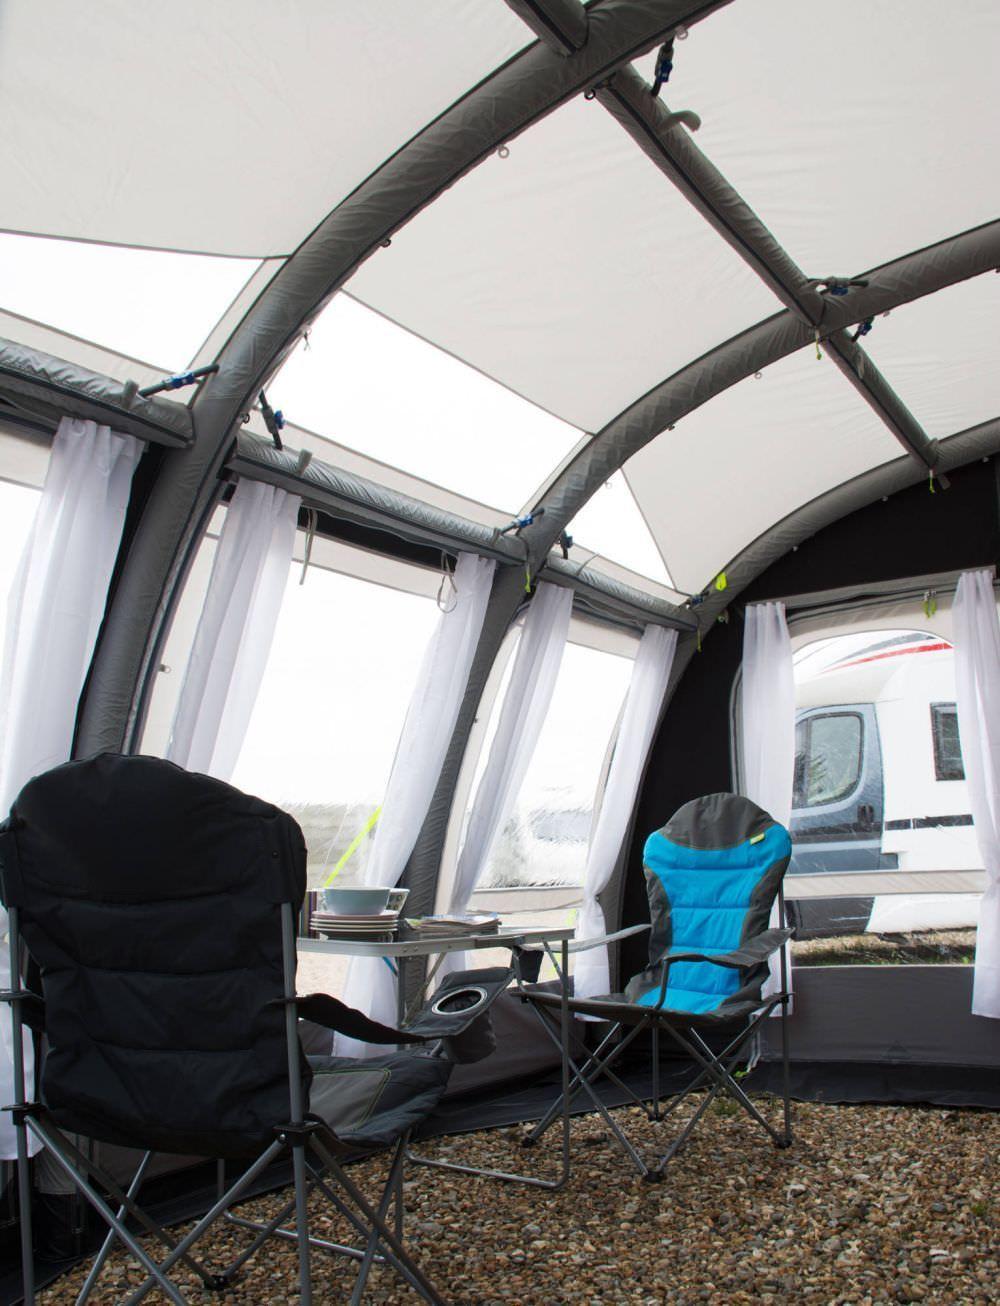 kampa rally air pro 390 vorzelt aufblasbar online kaufen. Black Bedroom Furniture Sets. Home Design Ideas